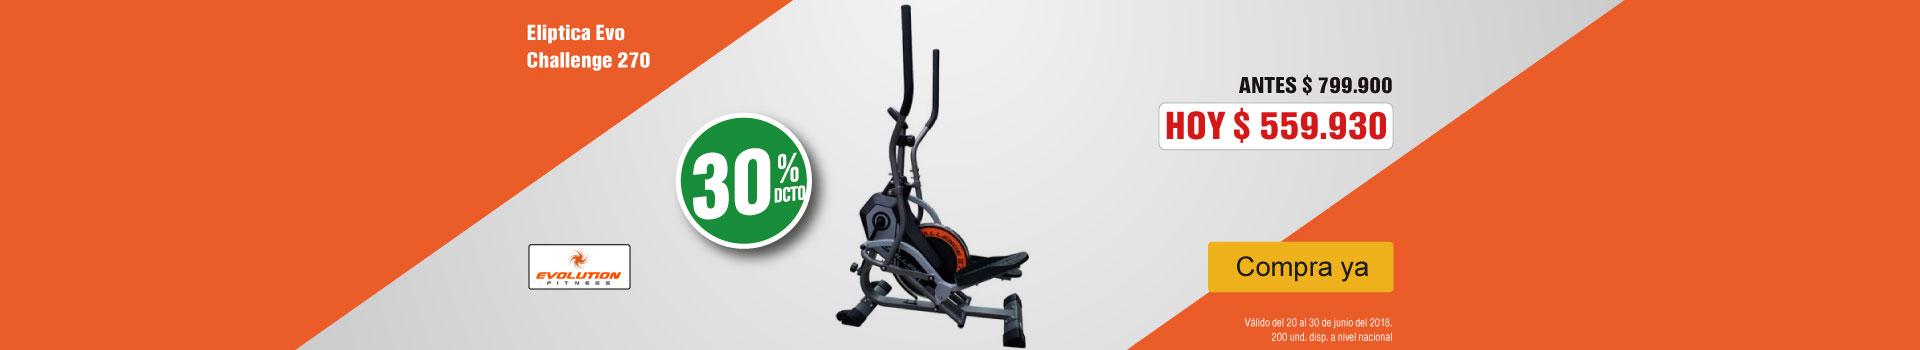 AK-KT-BCAT-3-Deportes-PP-Evolution-EvoChallenge270-Jun20